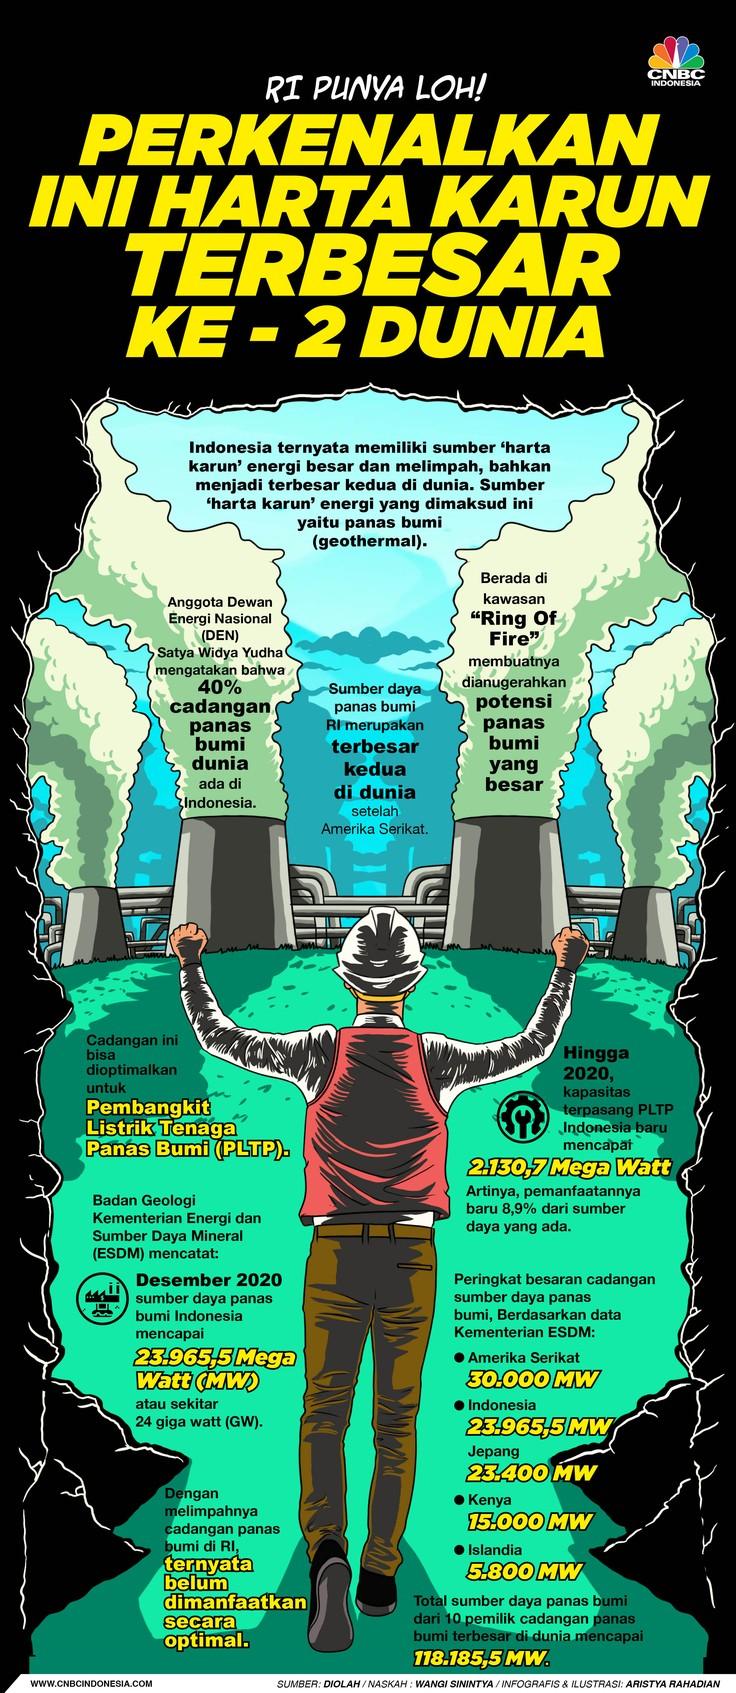 Infografis/RI Punya Loh! Perkenalkan Ini Harta Karun terbesar ke-2 Dunia/ Aristya Rahadian